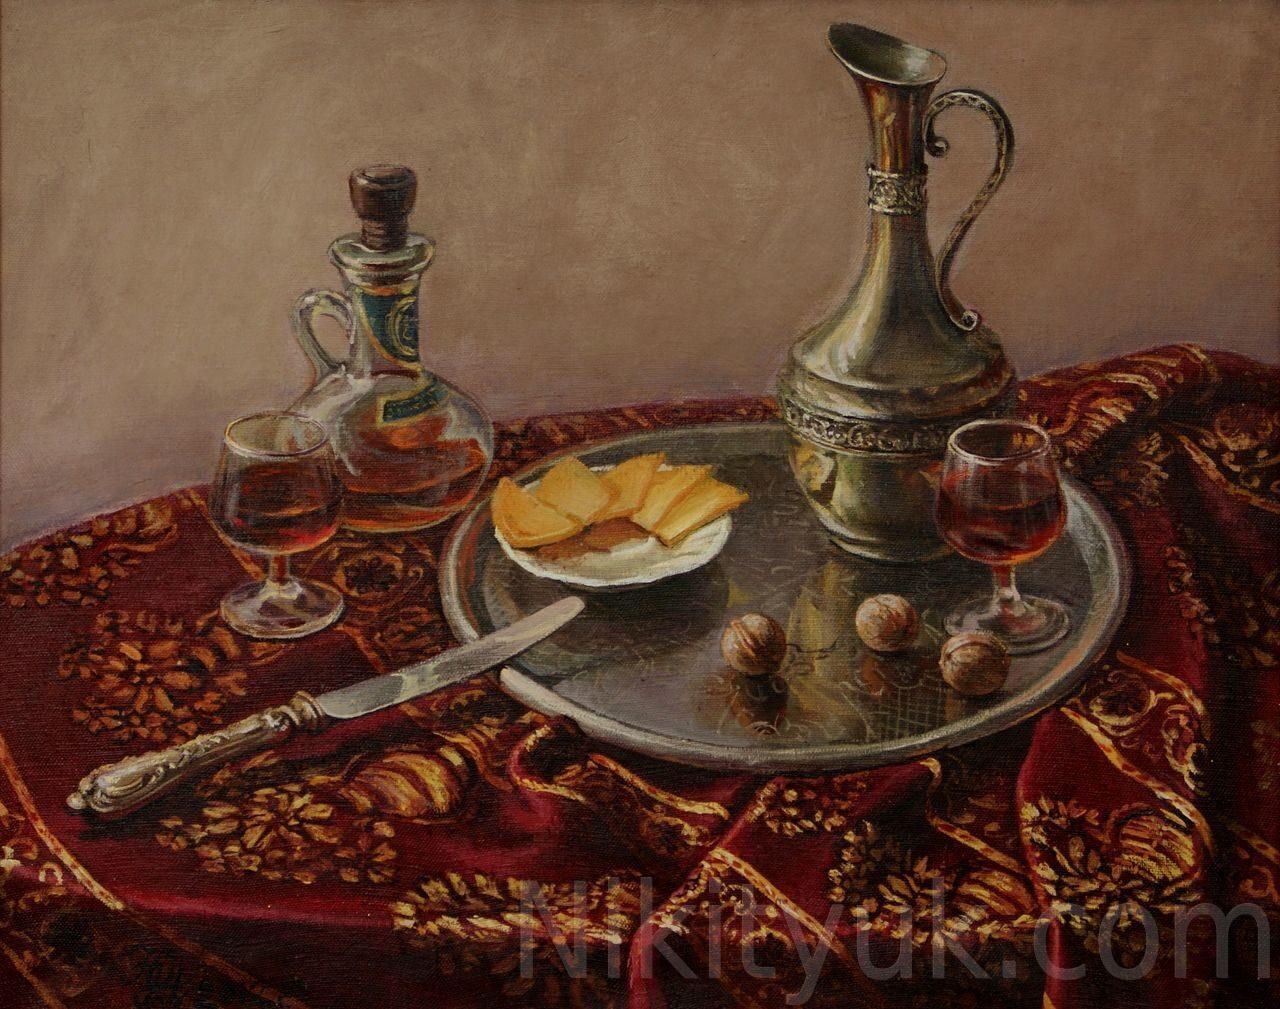 Натюрморт с сыром., х.м., 40х50см, 2012г. 25 000 руб., под заказ